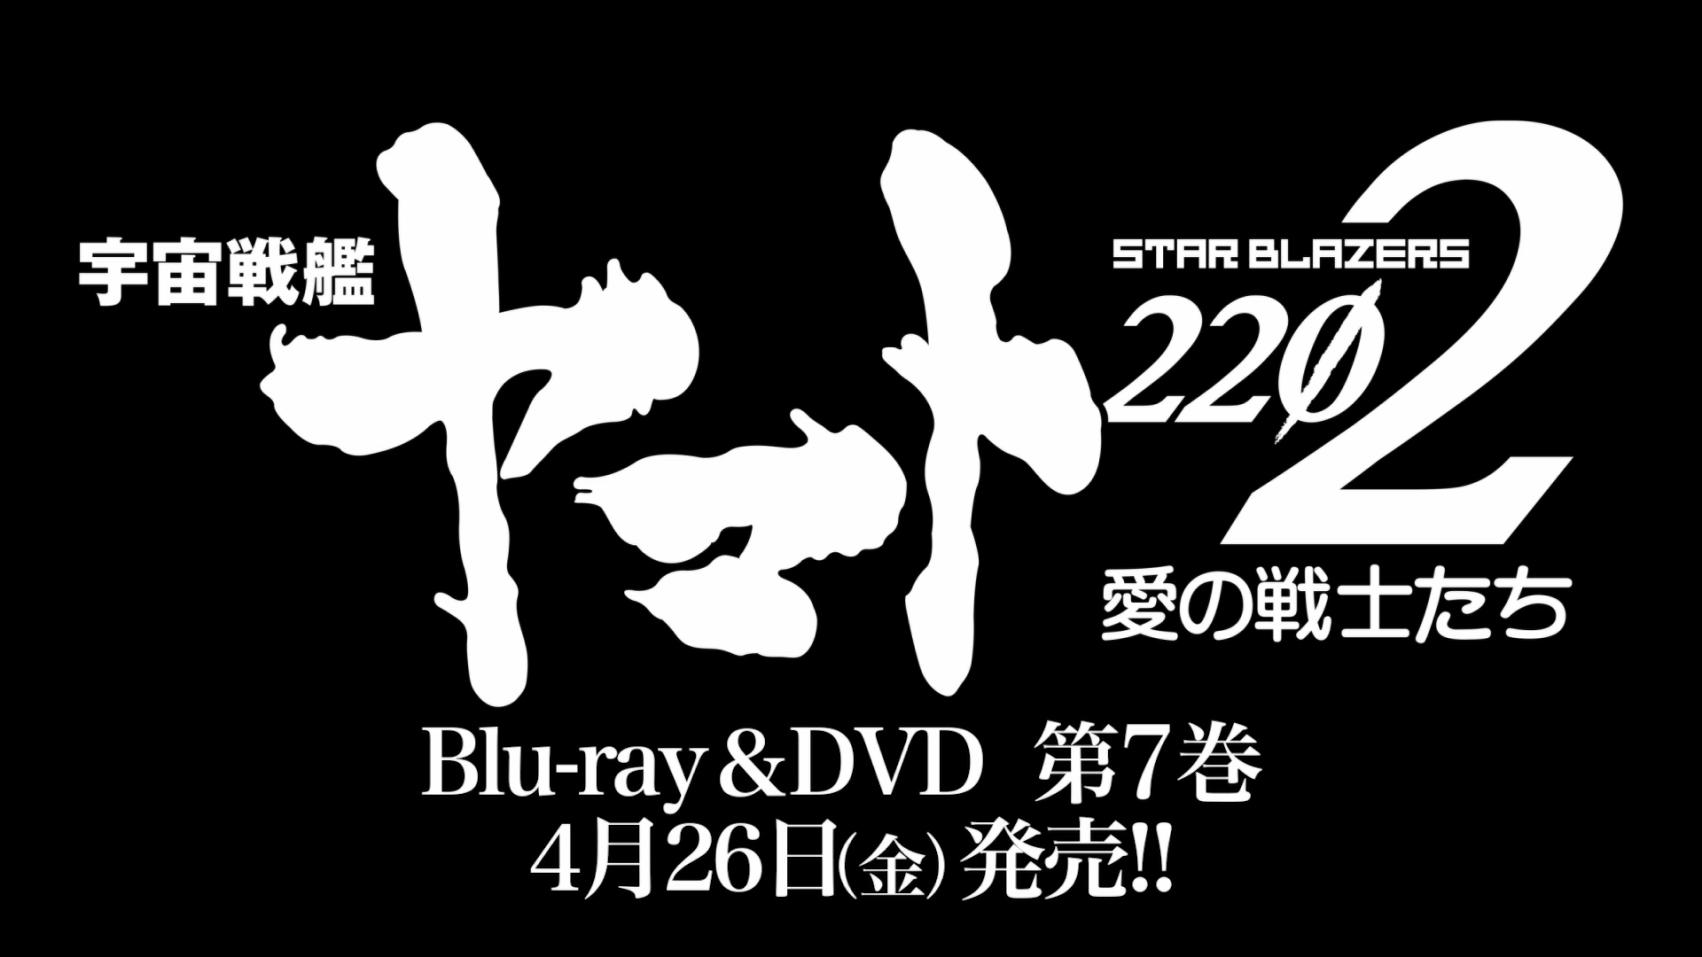 『宇宙戦艦ヤマト2202 愛の戦士たち』Blu-ray&DVD 第7巻<最終巻> 4月26日発売告知CM